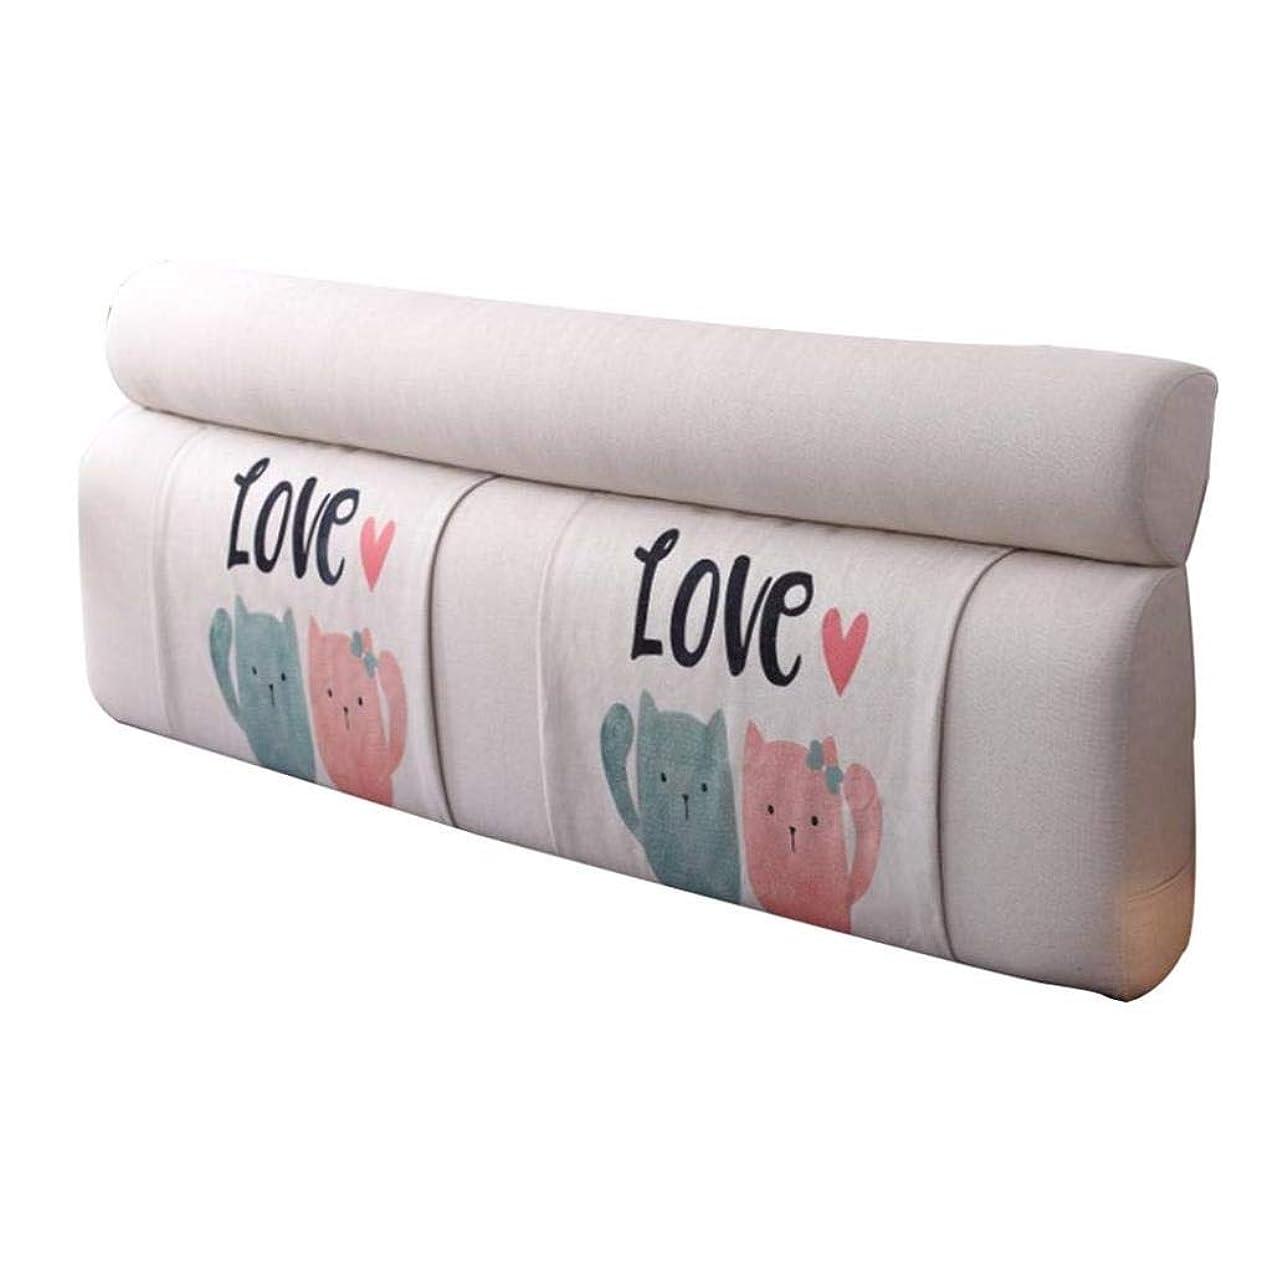 スローピザ敬意ベッドサイドクッションソフトケースウエストパッドサポート快適なベッドルームリネン、ヘッドボード付き/なし、3色、5サイズ(120cm)